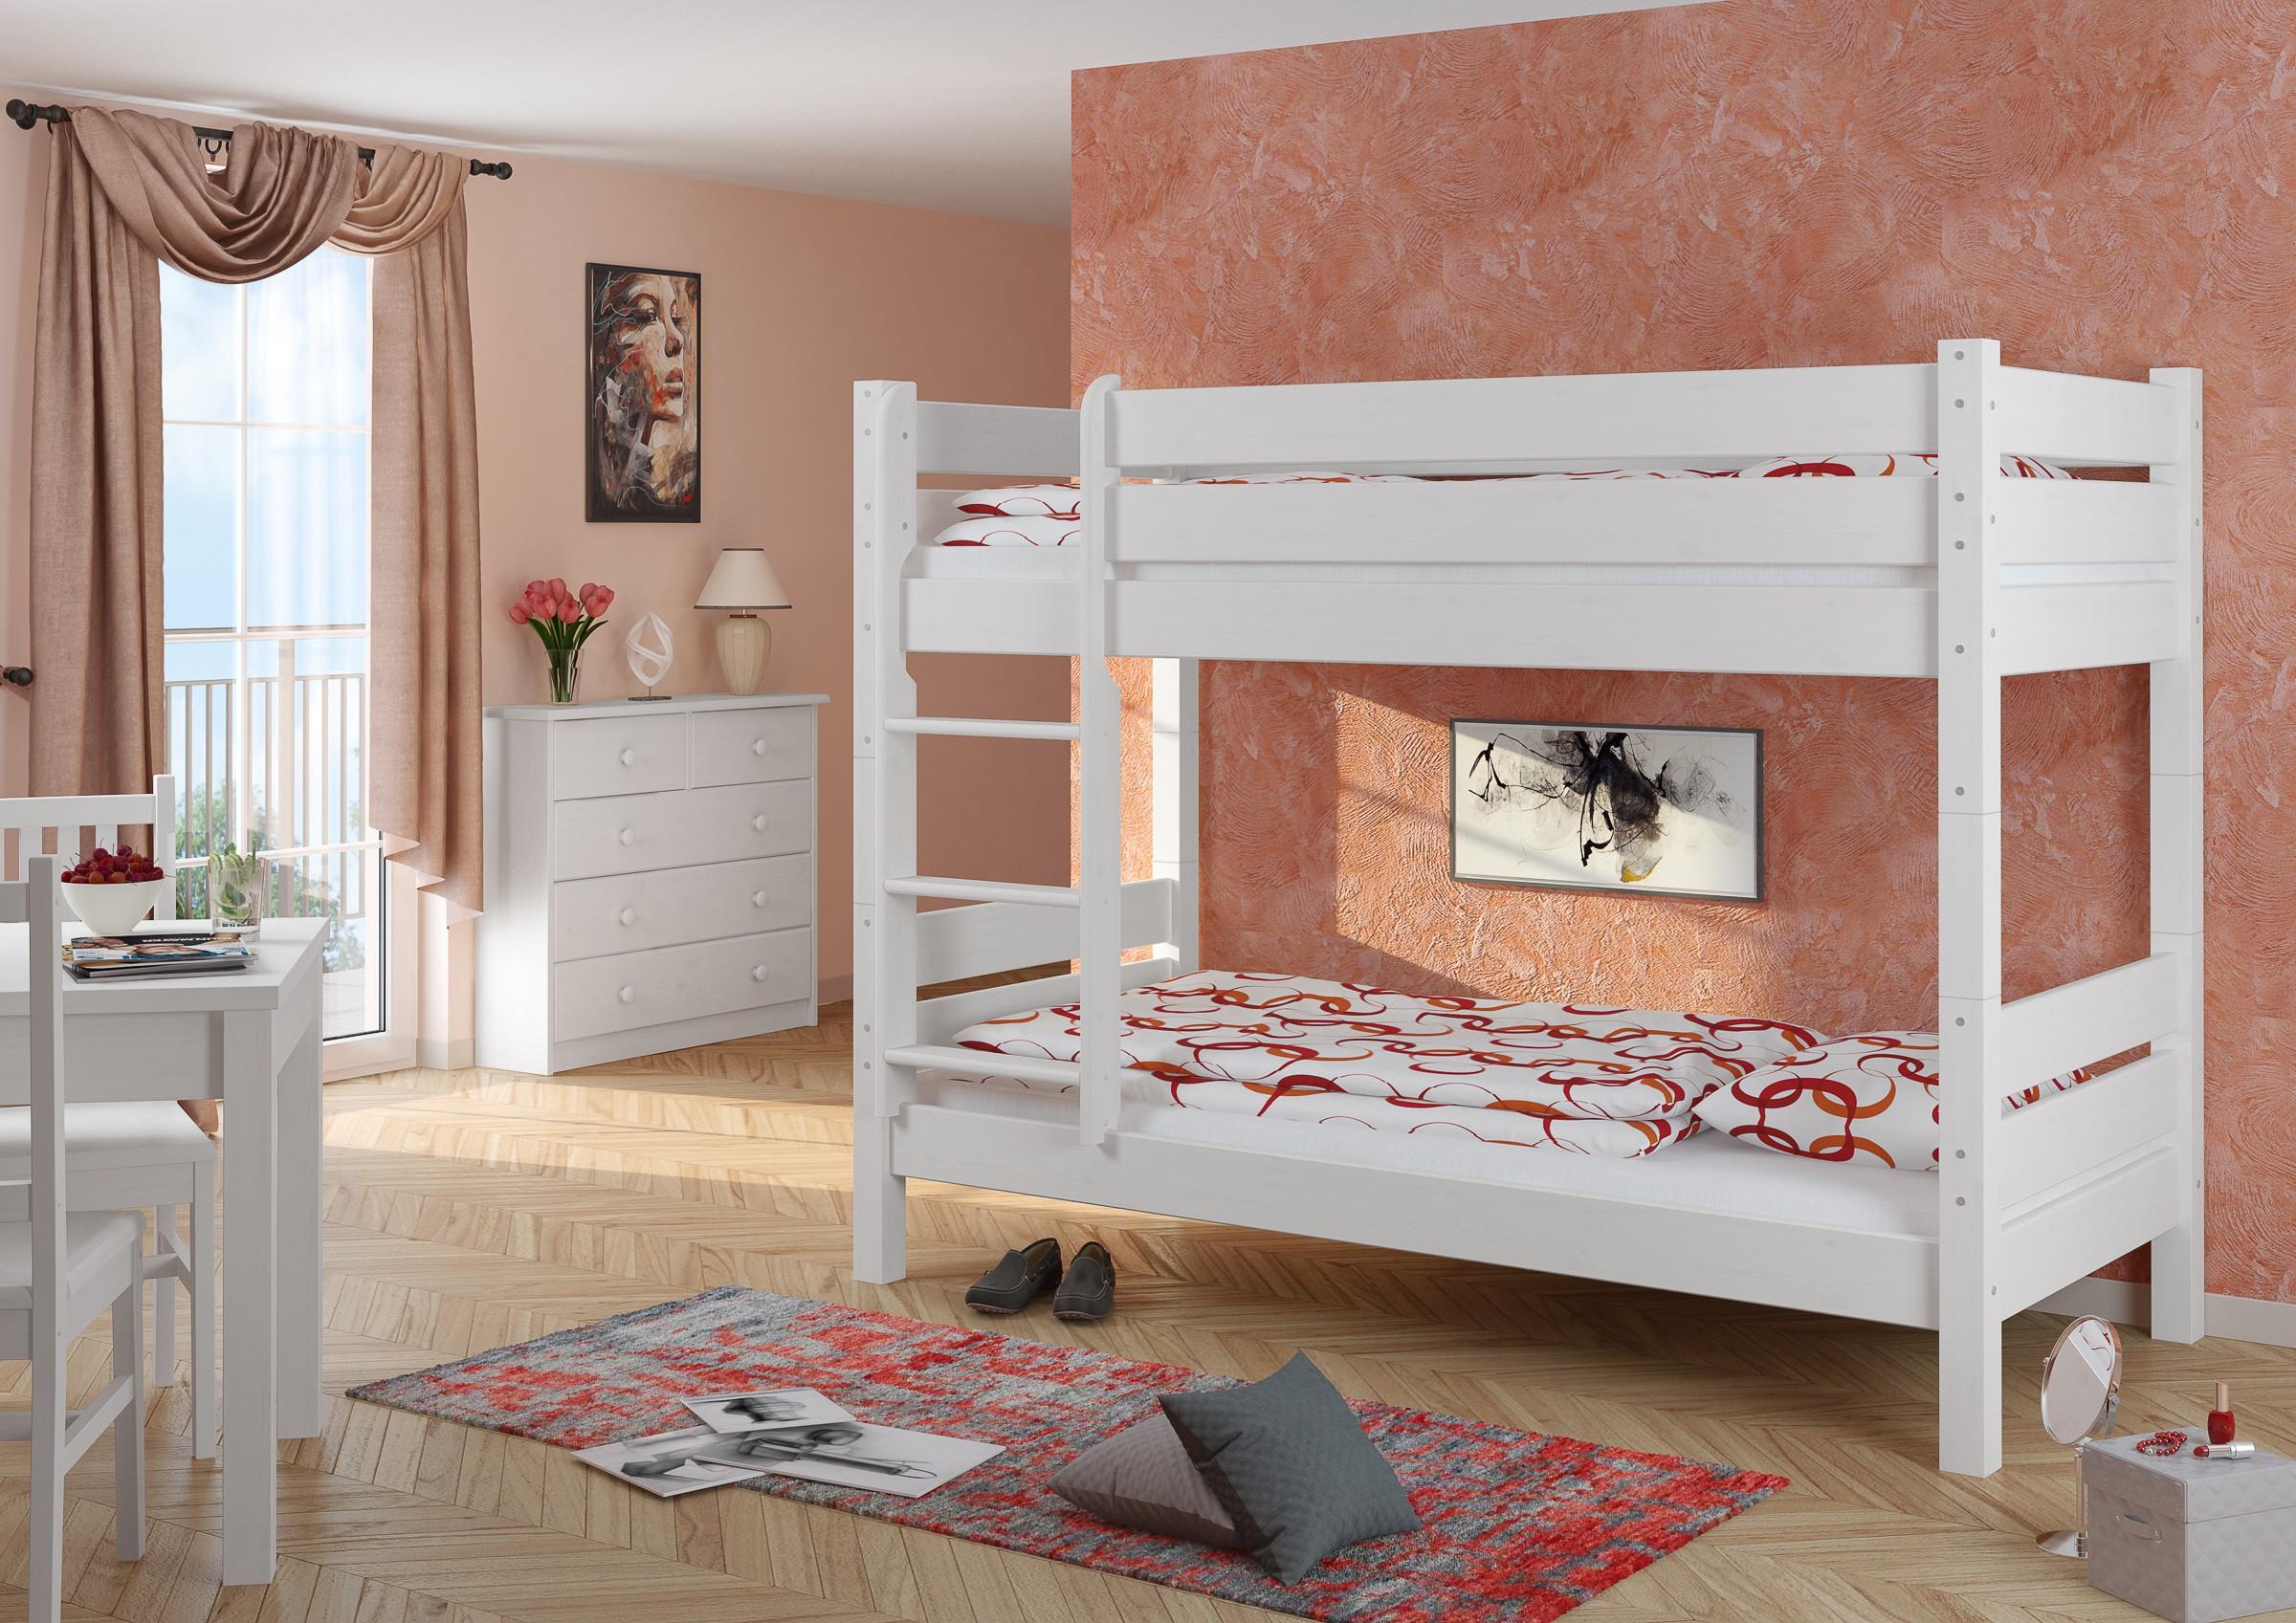 Wohnwagen Mit Etagenbett Und Doppelbett : Lmc caravan wohnwagen uebersicht